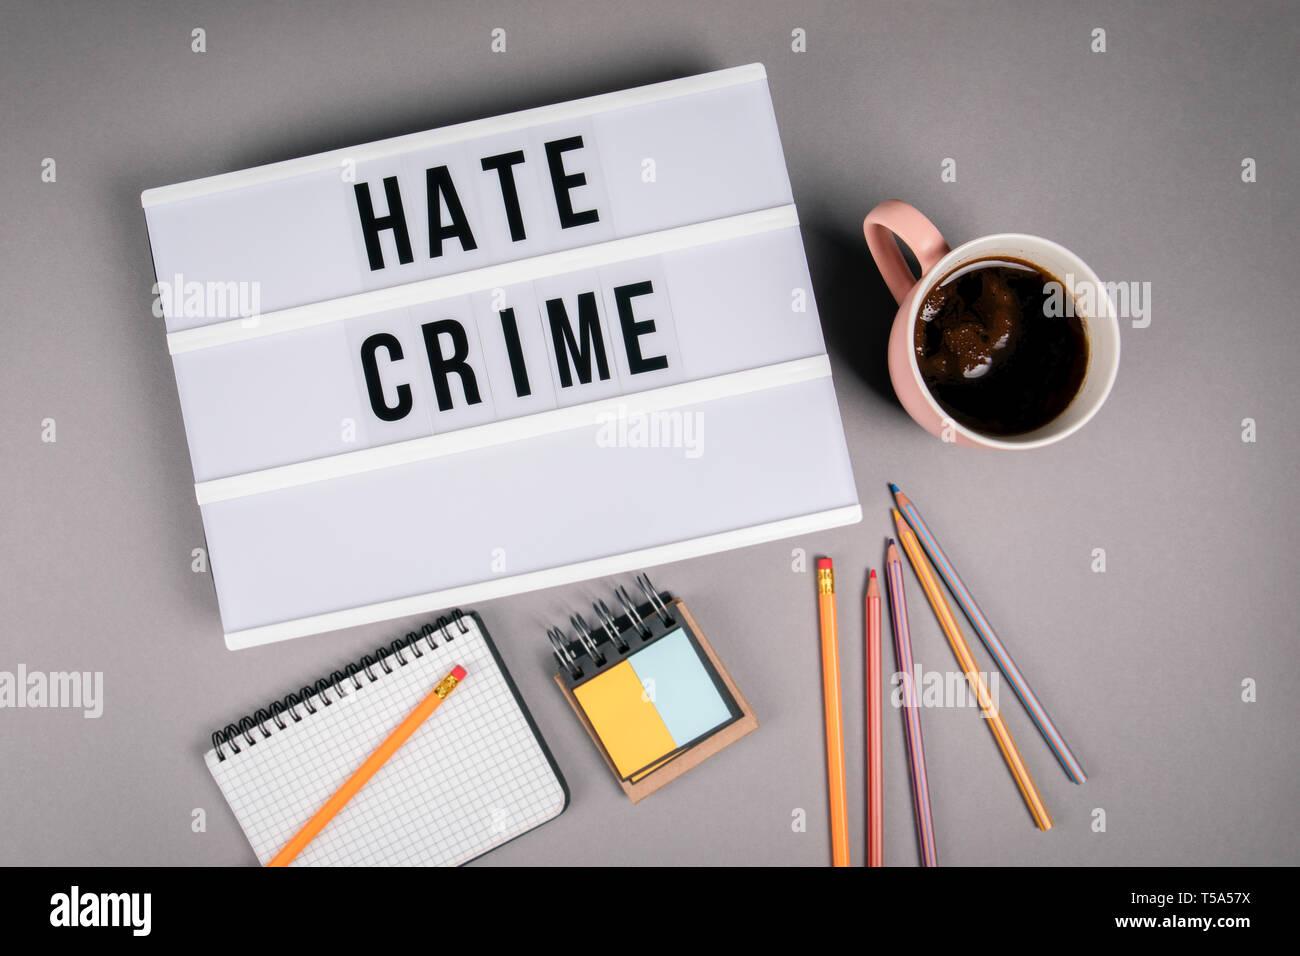 Crimen de odio. Texto en la caja de luz Imagen De Stock